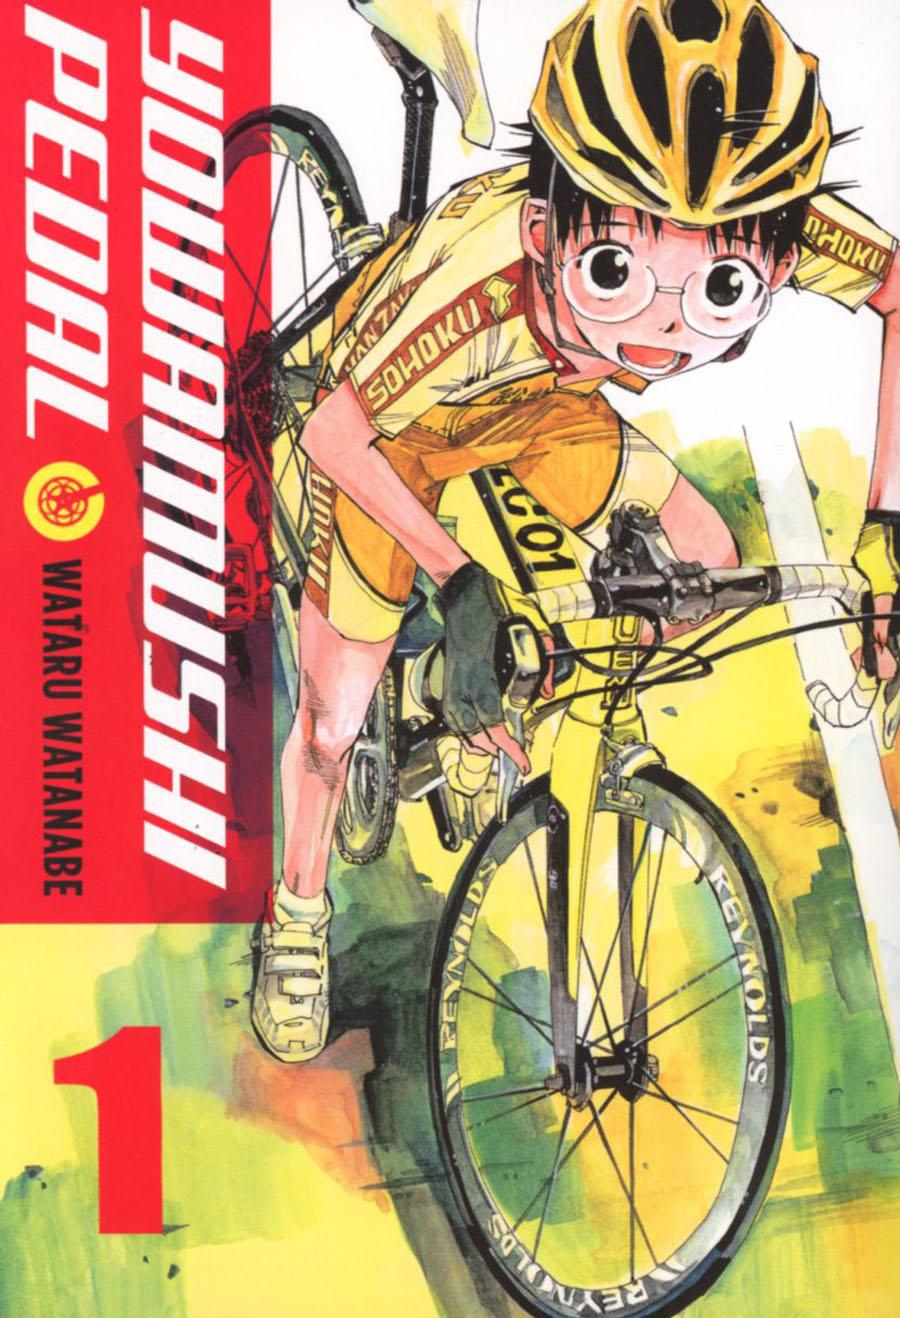 Yowamushi Pedal Vol 1 GN